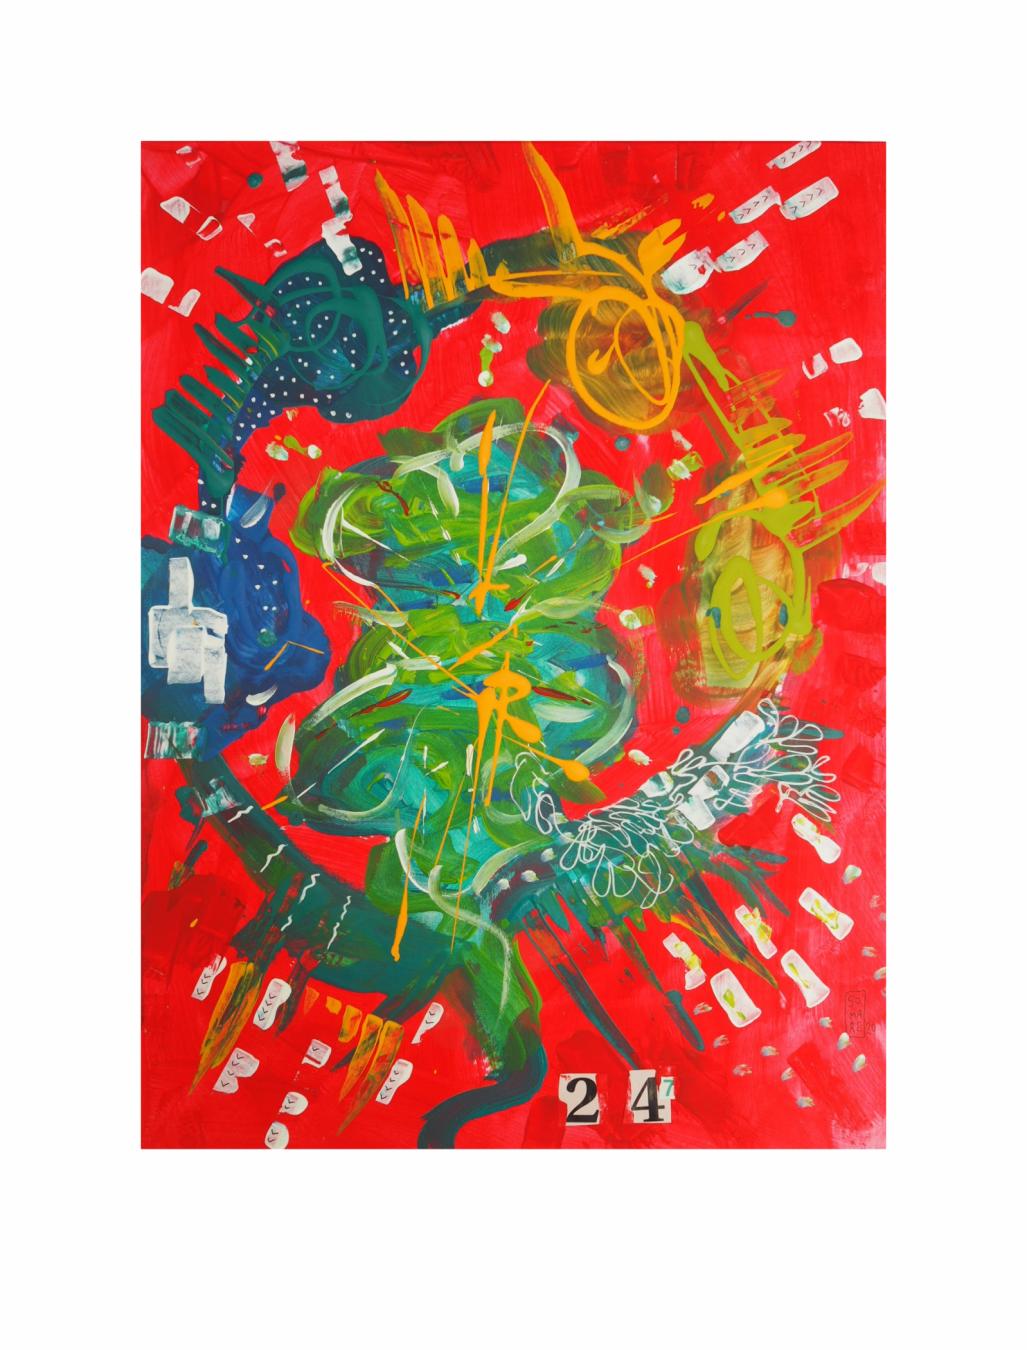 """CONCILIA 24-7. Serie """"Maternaje"""" 21 x 29,7cm Acrílico sobre papel. Obra única - Maternaje - mARTEnidades"""